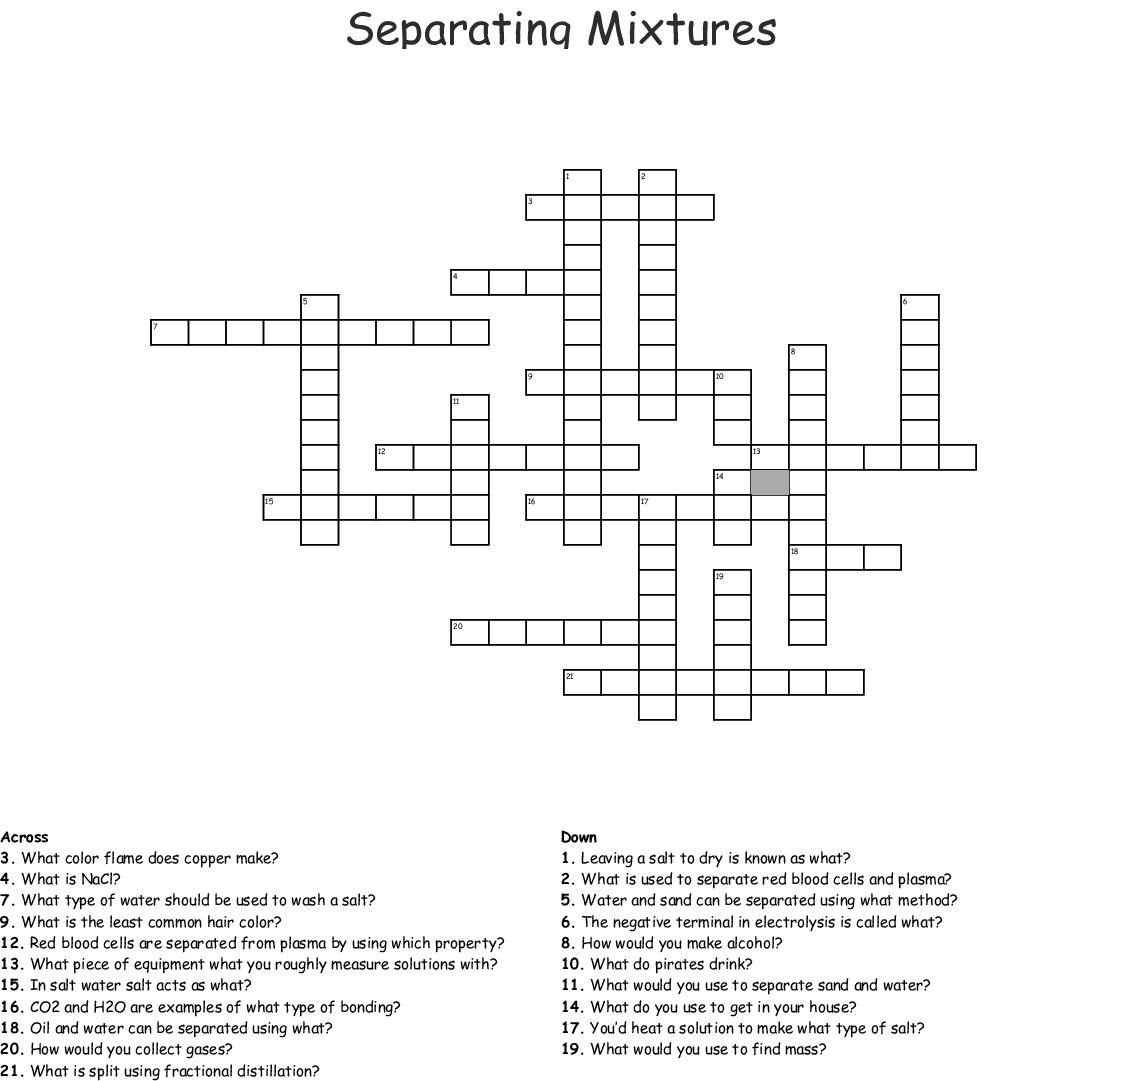 Separating Mixtures Crossword